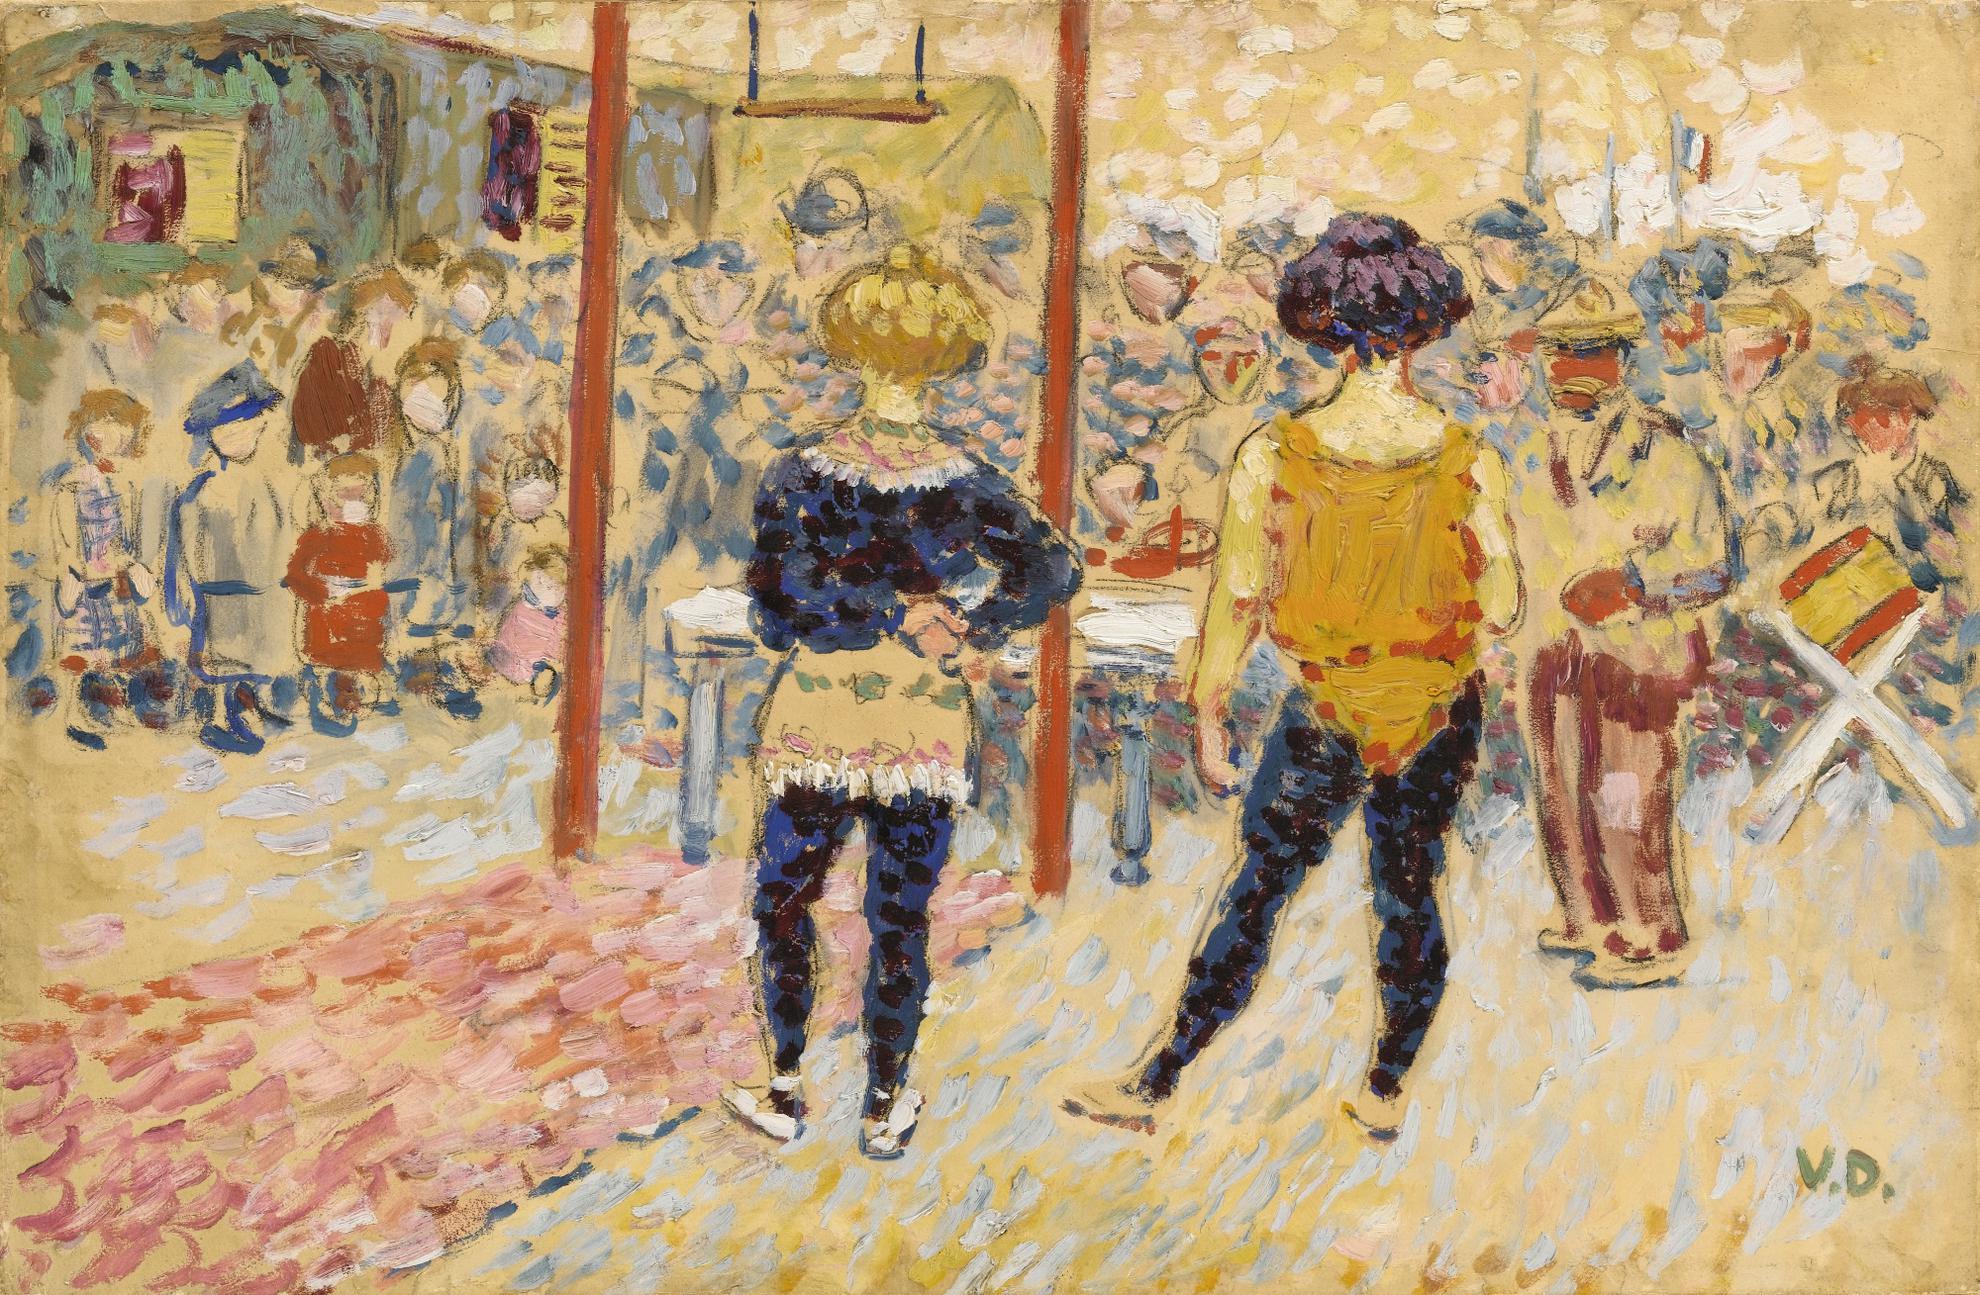 Kees van Dongen-Le Cirque-1905